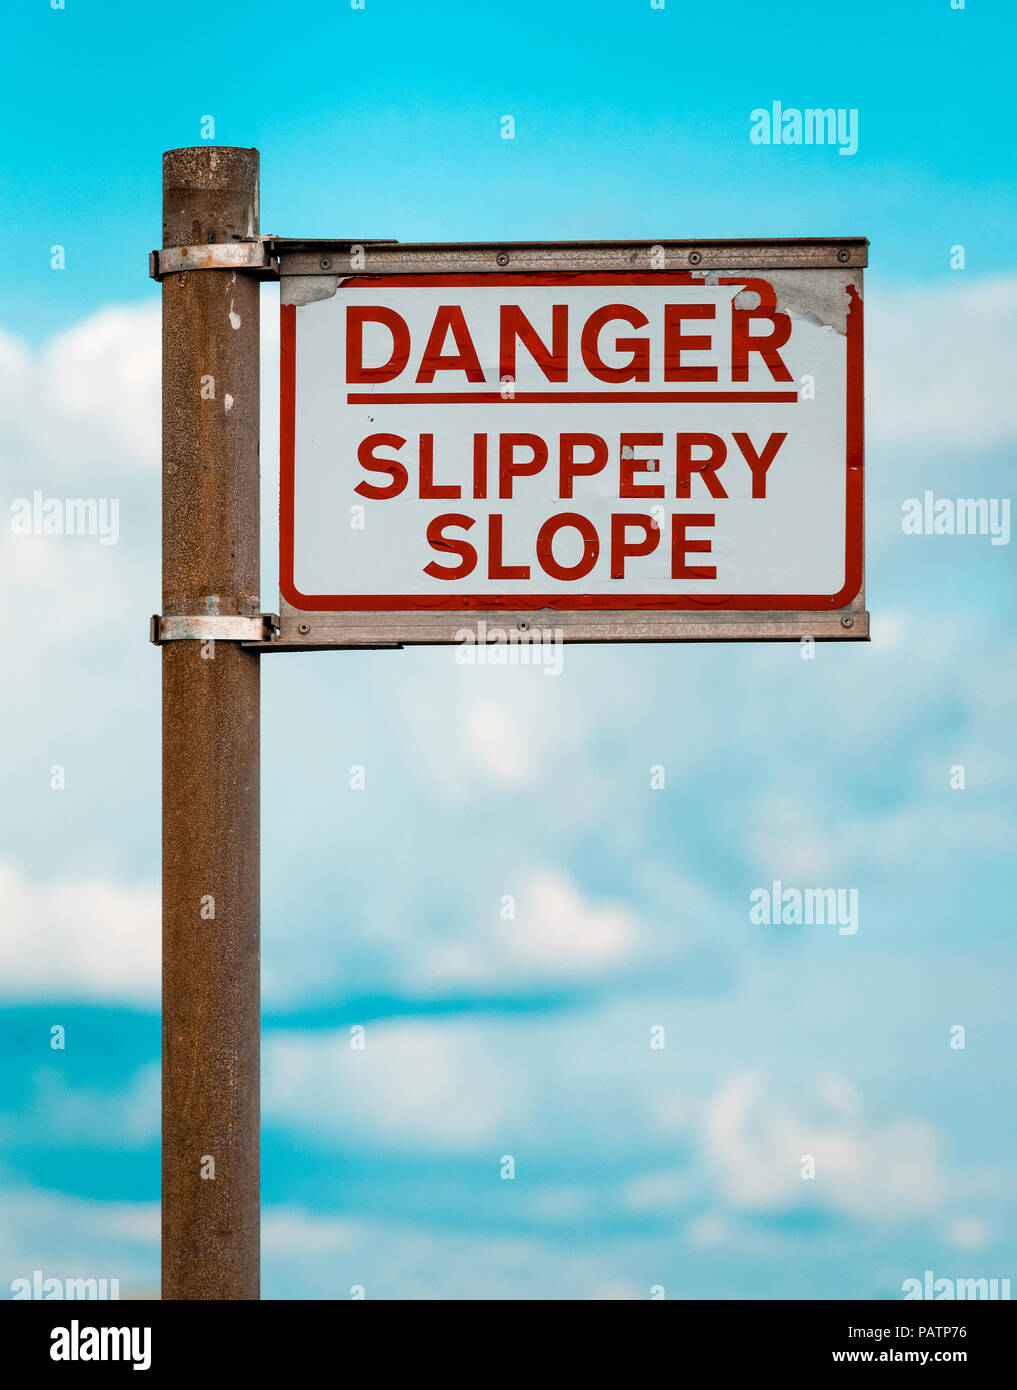 Danger Slippery Slope warning sign on Quayside Stock Photo